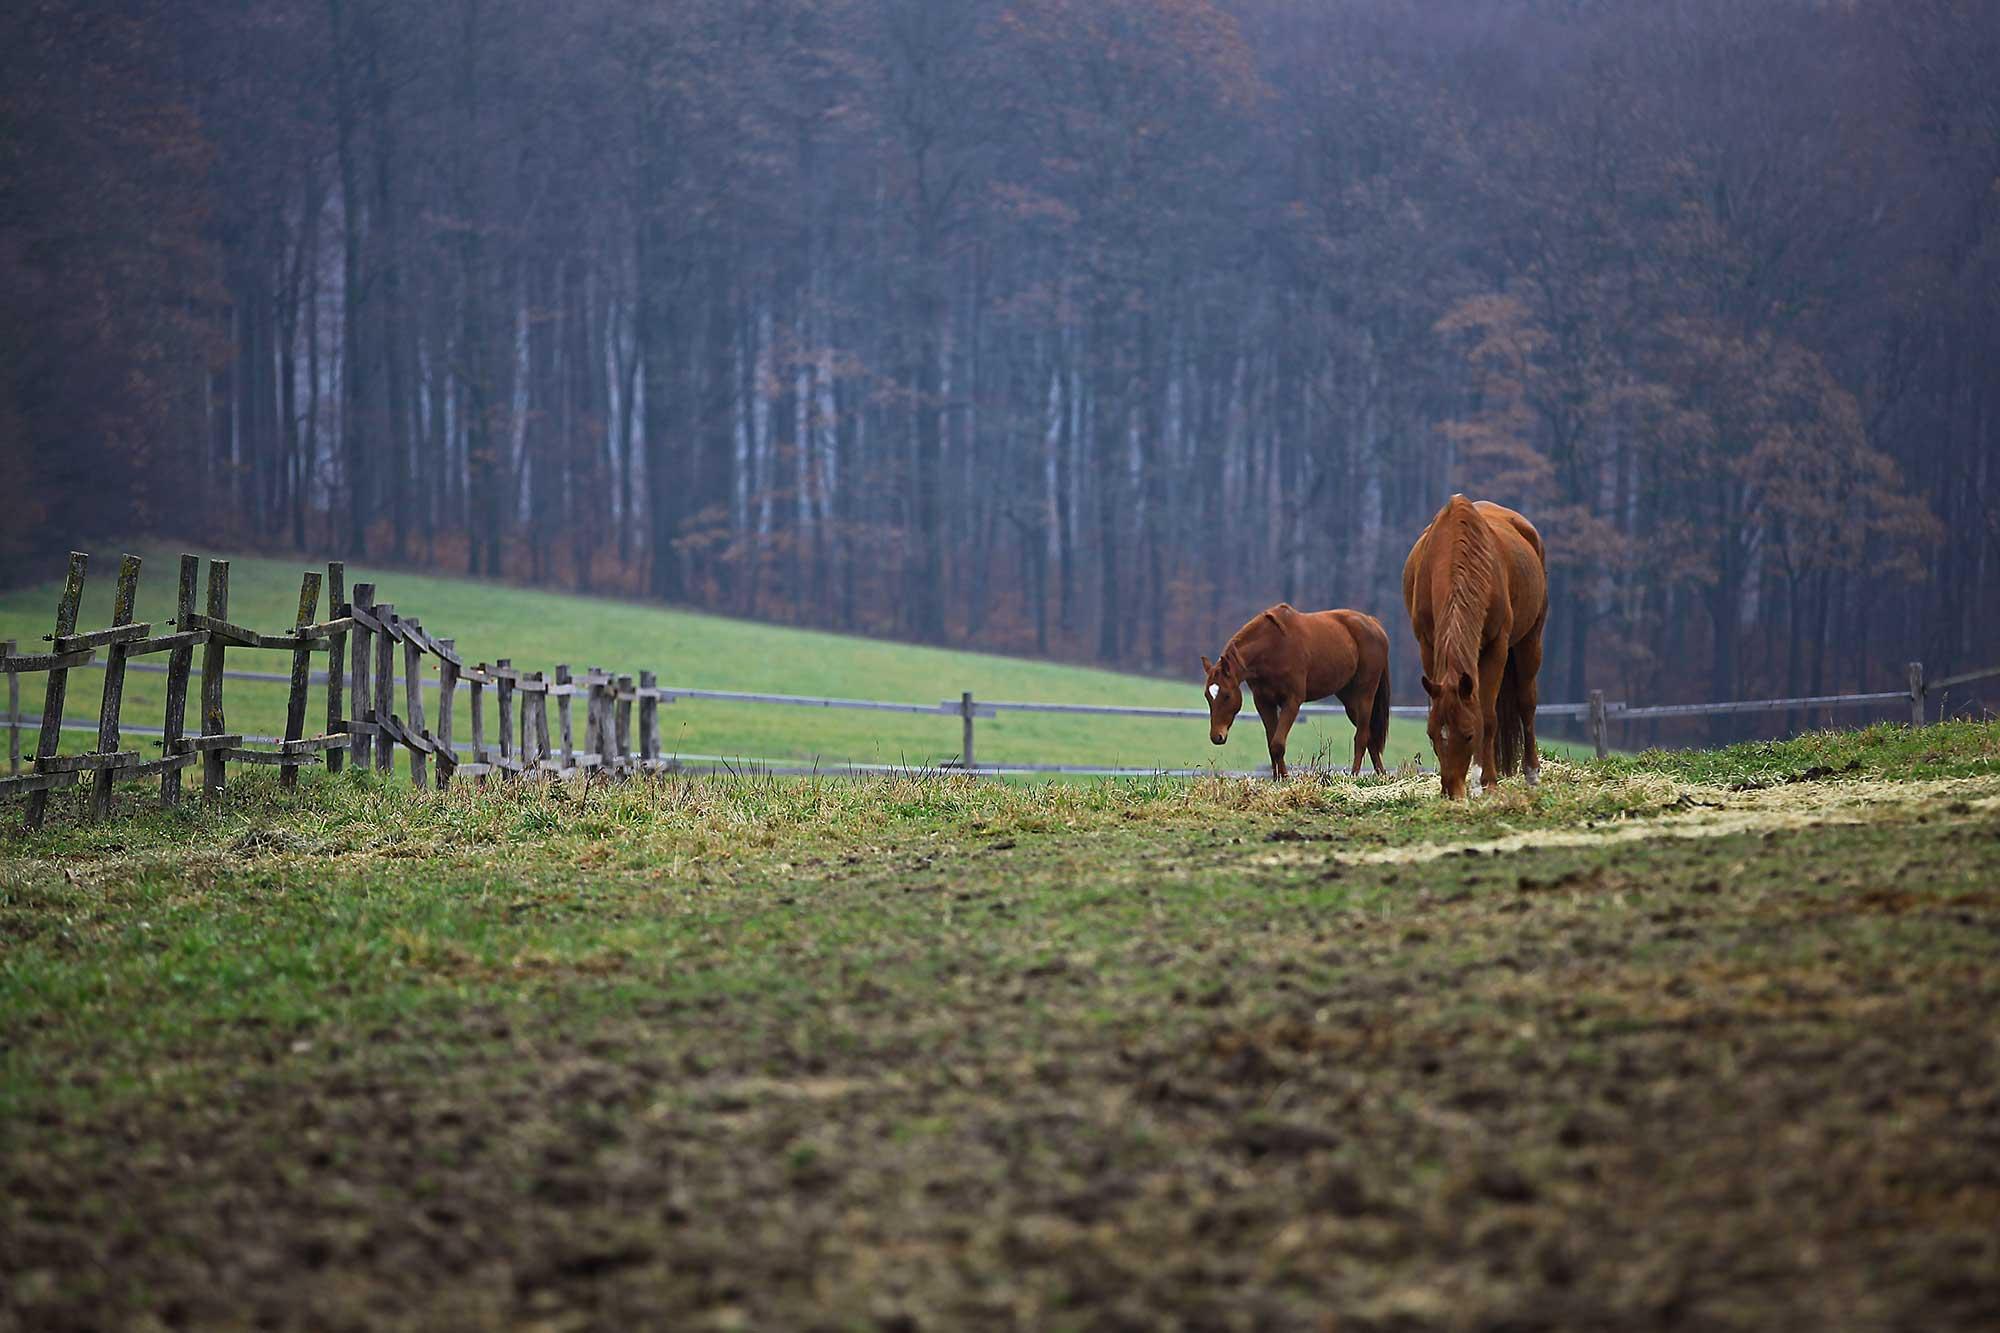 Horses. © Ulli Maier & Nisa Maier